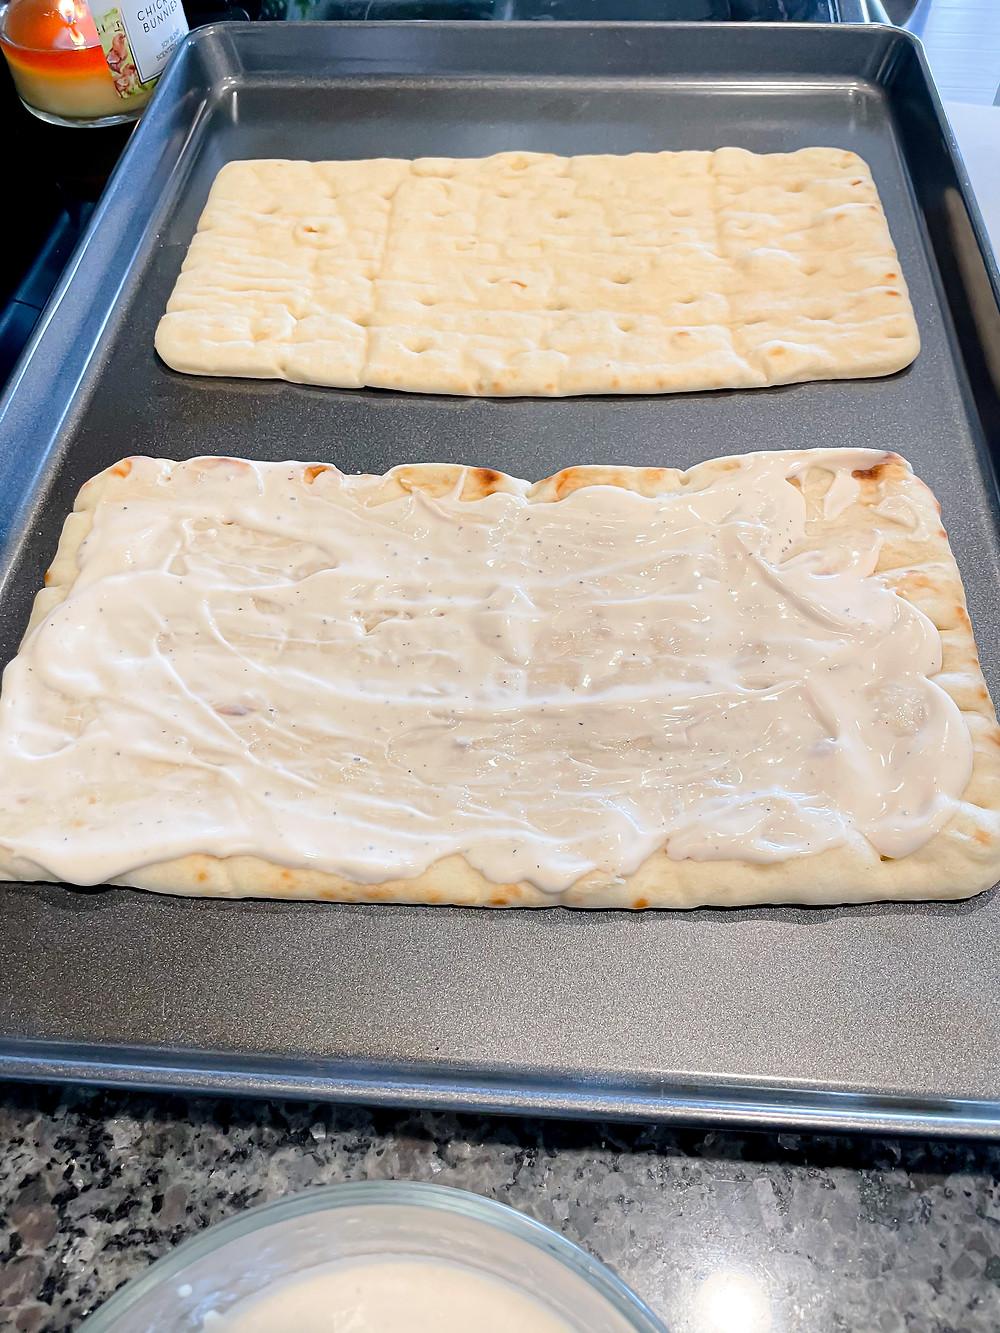 Chicken Alfredo Flatbread recipe. Flatbread from Aldi- aesthetic pizza picture, flatbread pizza, flatbread appetizer, easy appetizer, easy meal, affordable meal.